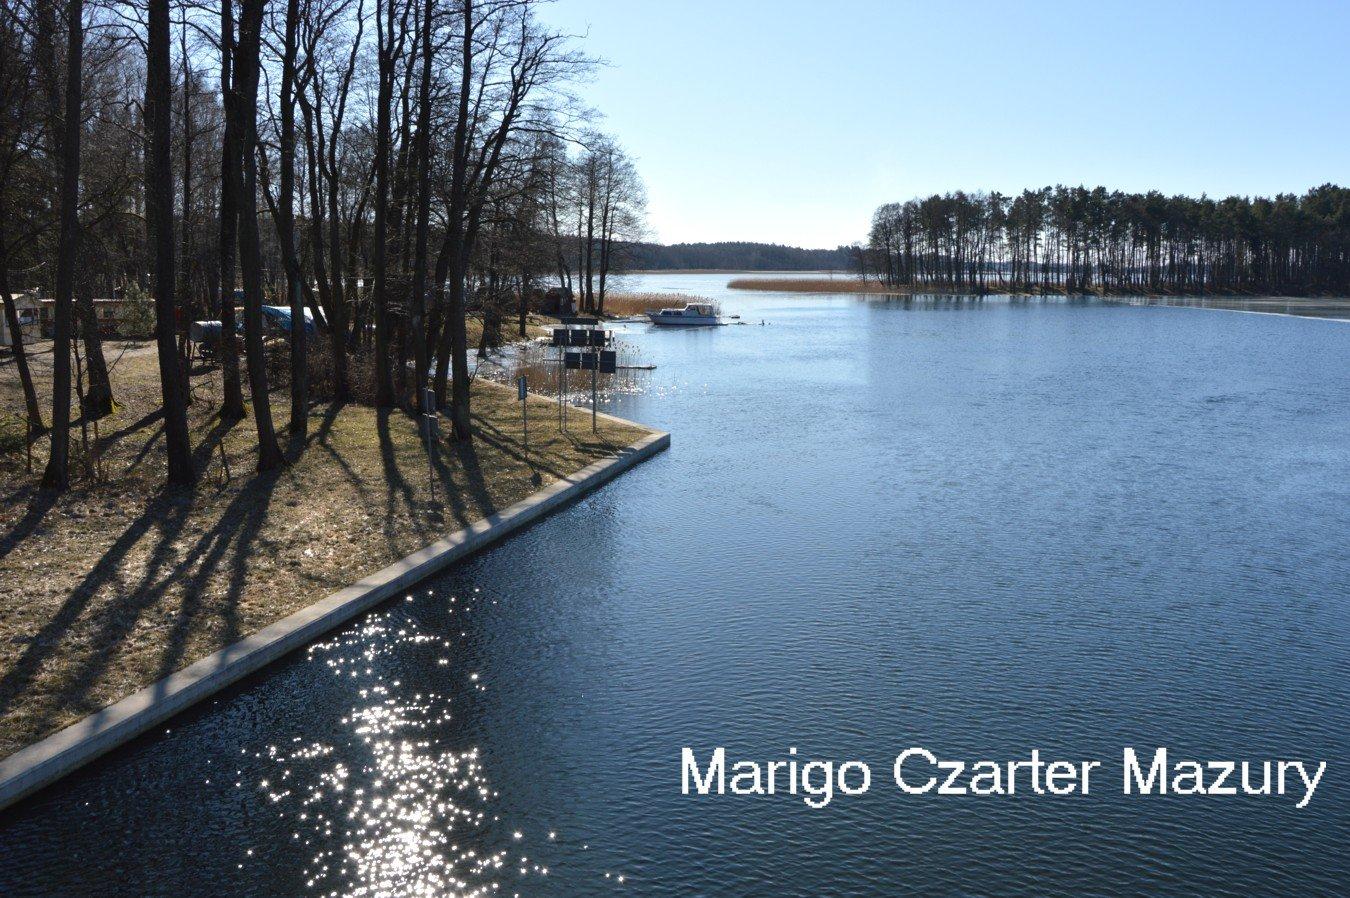 kanał-kula-widok-z-mostu-drogowego-łączącego-miejscowości-bogaczewo-i-rydzewo